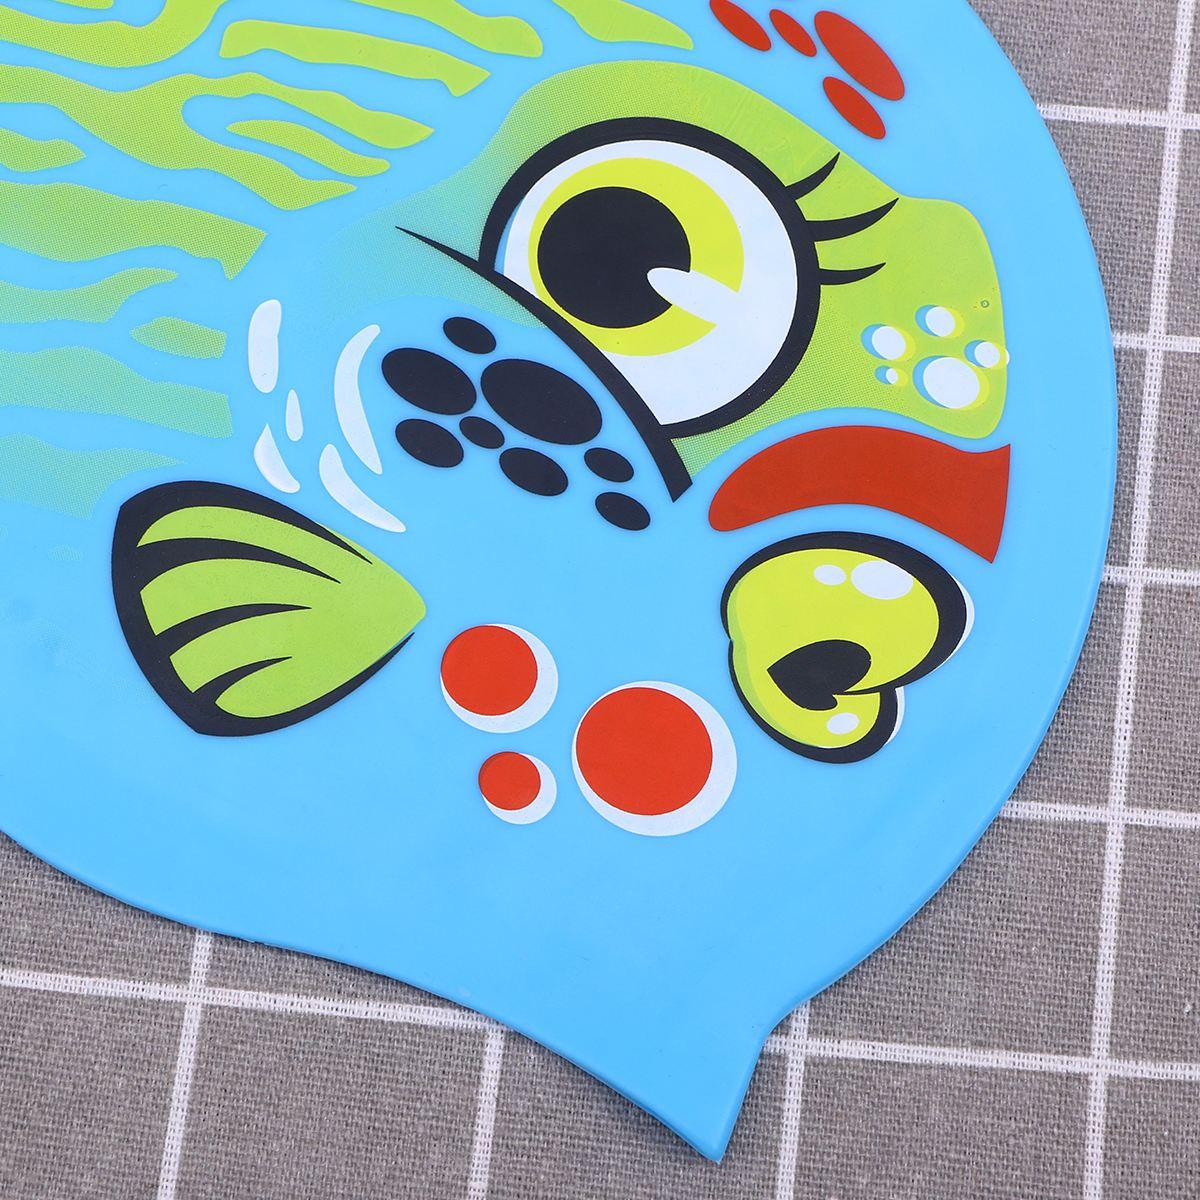 Силикон унисекс Плавательная шапочка шляпа Рыба мультфильм милые водонепроницаемые животные Плавающие кепки для детей мальчиков и девочек